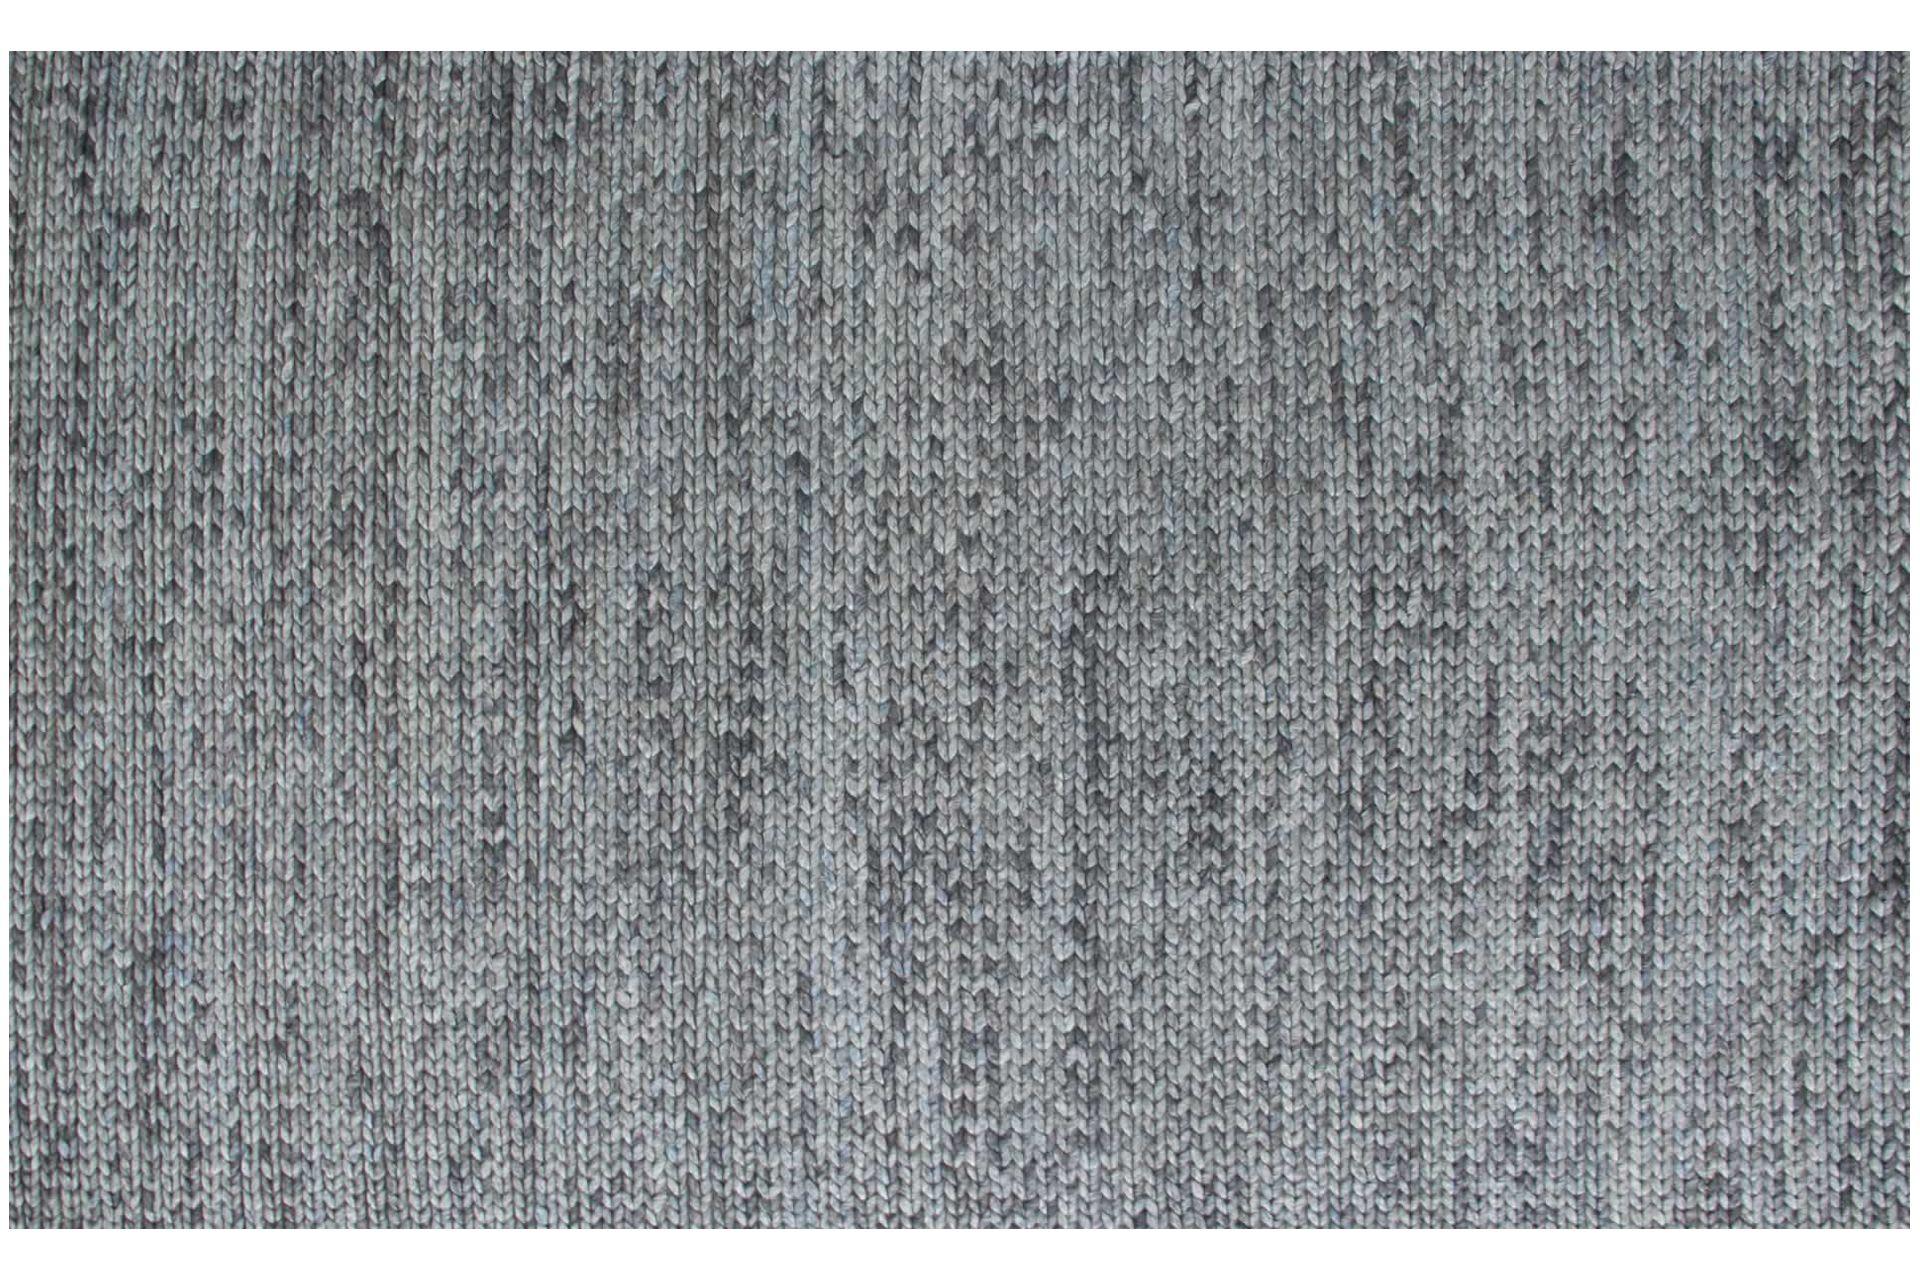 BADE GRİ SİYAH YÜN EL DOKUMA ÖRGÜ HALI 80x150